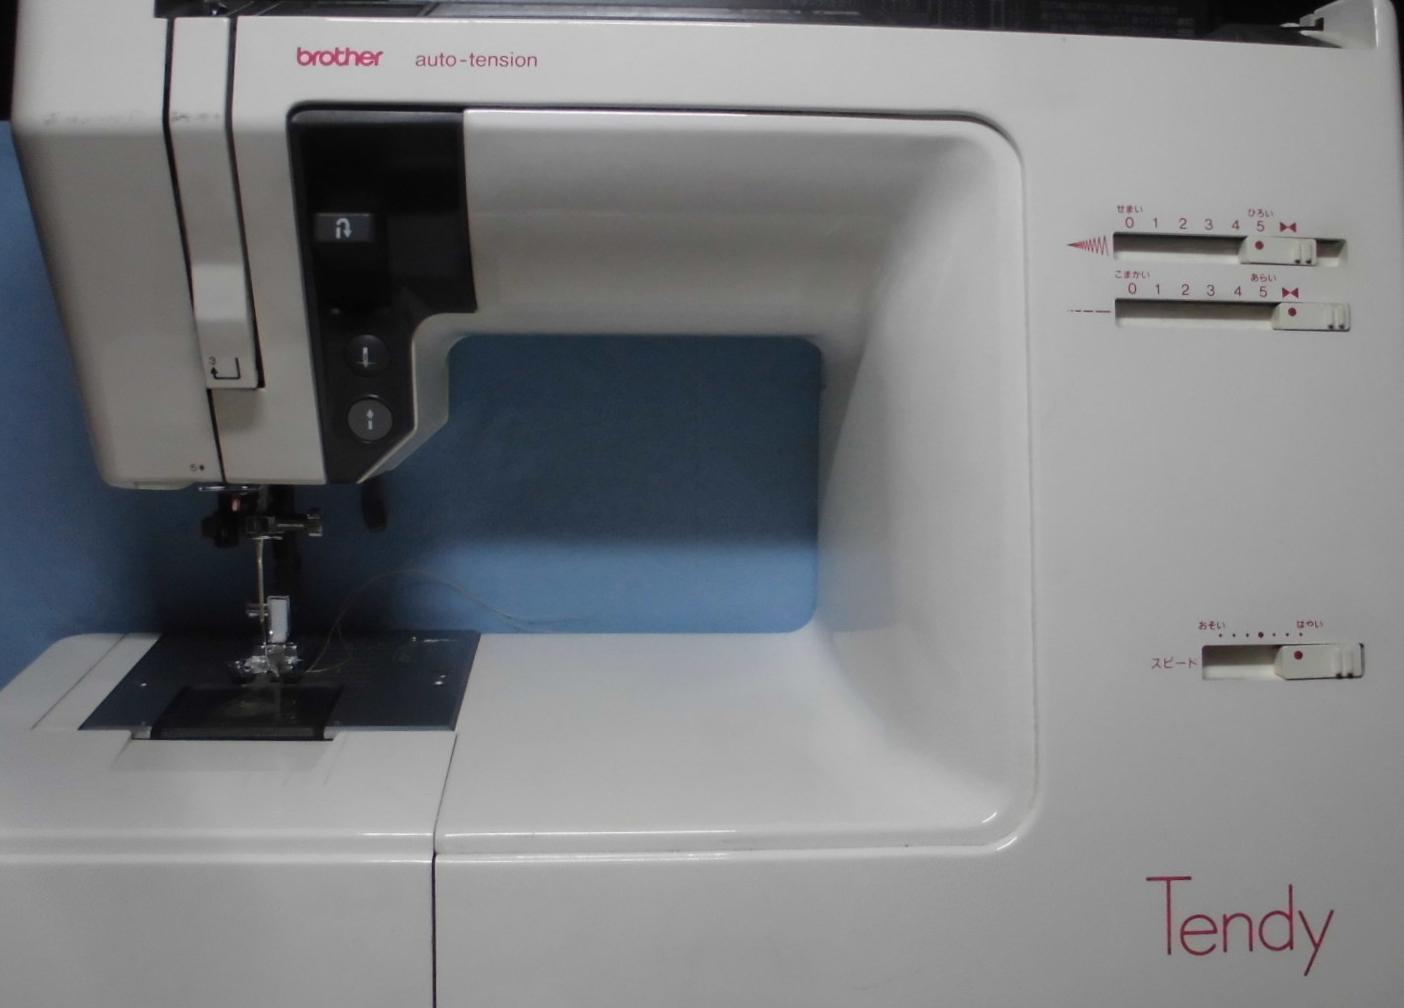 ブラザーミシン修理|テンディ|糸調子不良、異音、縫えない、下糸をすくわない